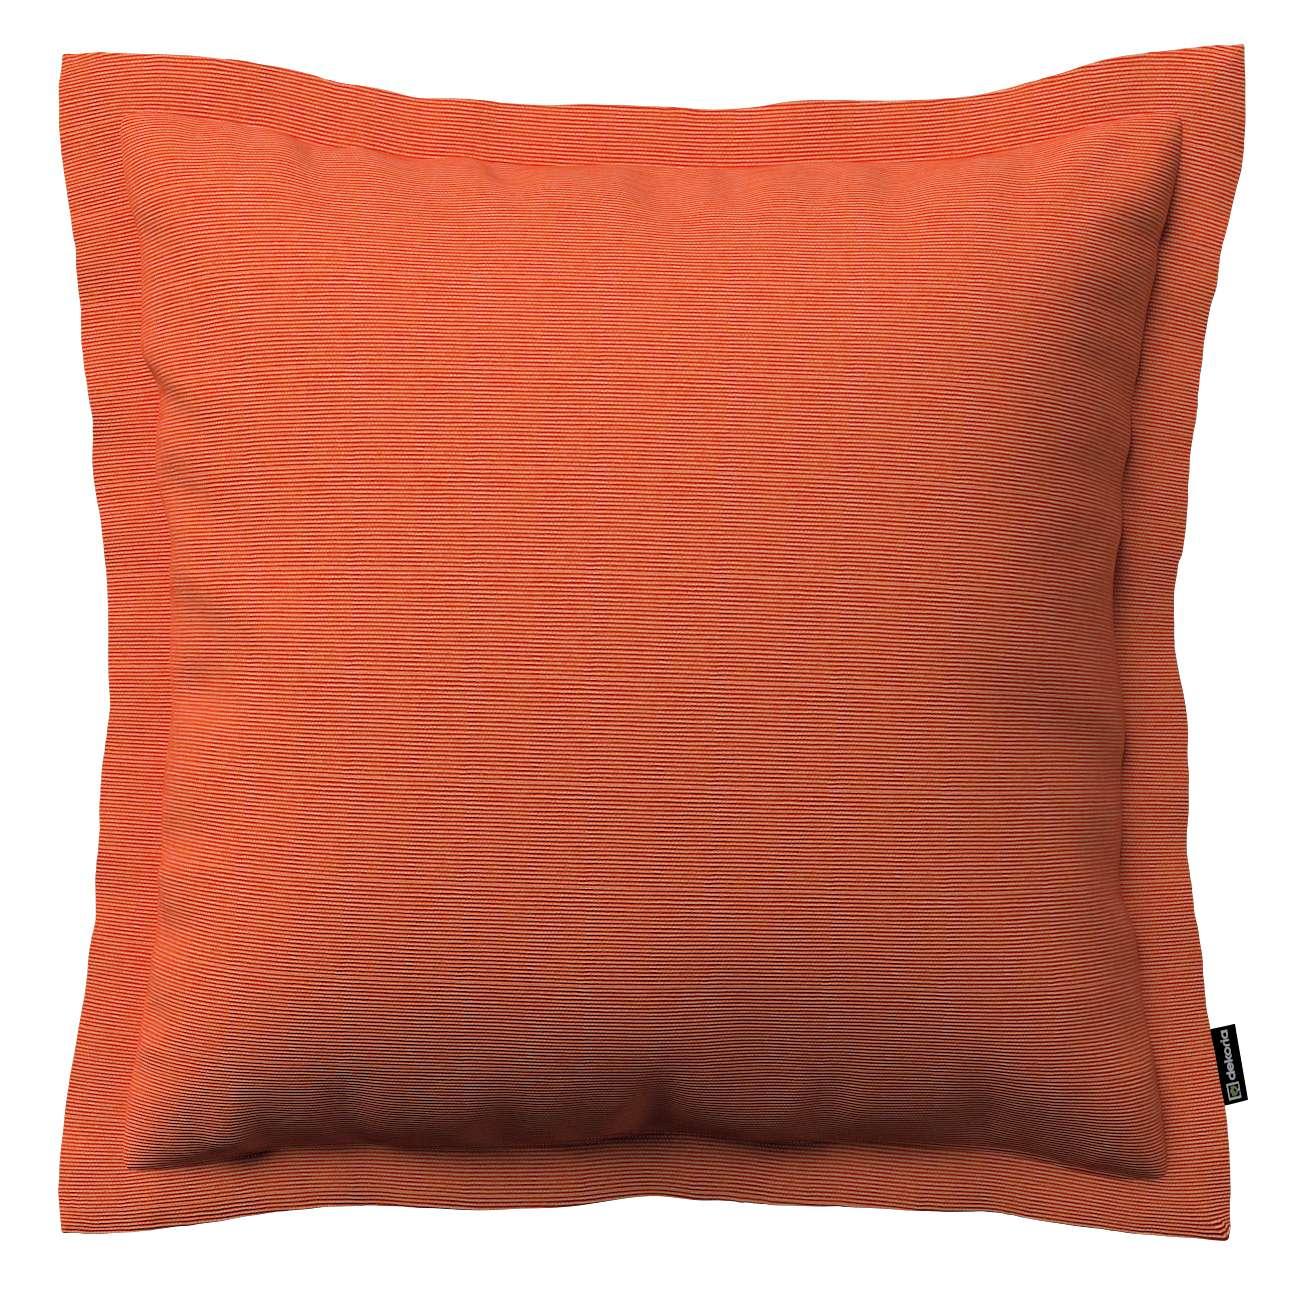 Mona dekoratyvinių pagalvėlių užvalkalas su sienele 45 x 45cm kolekcijoje Jupiter, audinys: 127-35